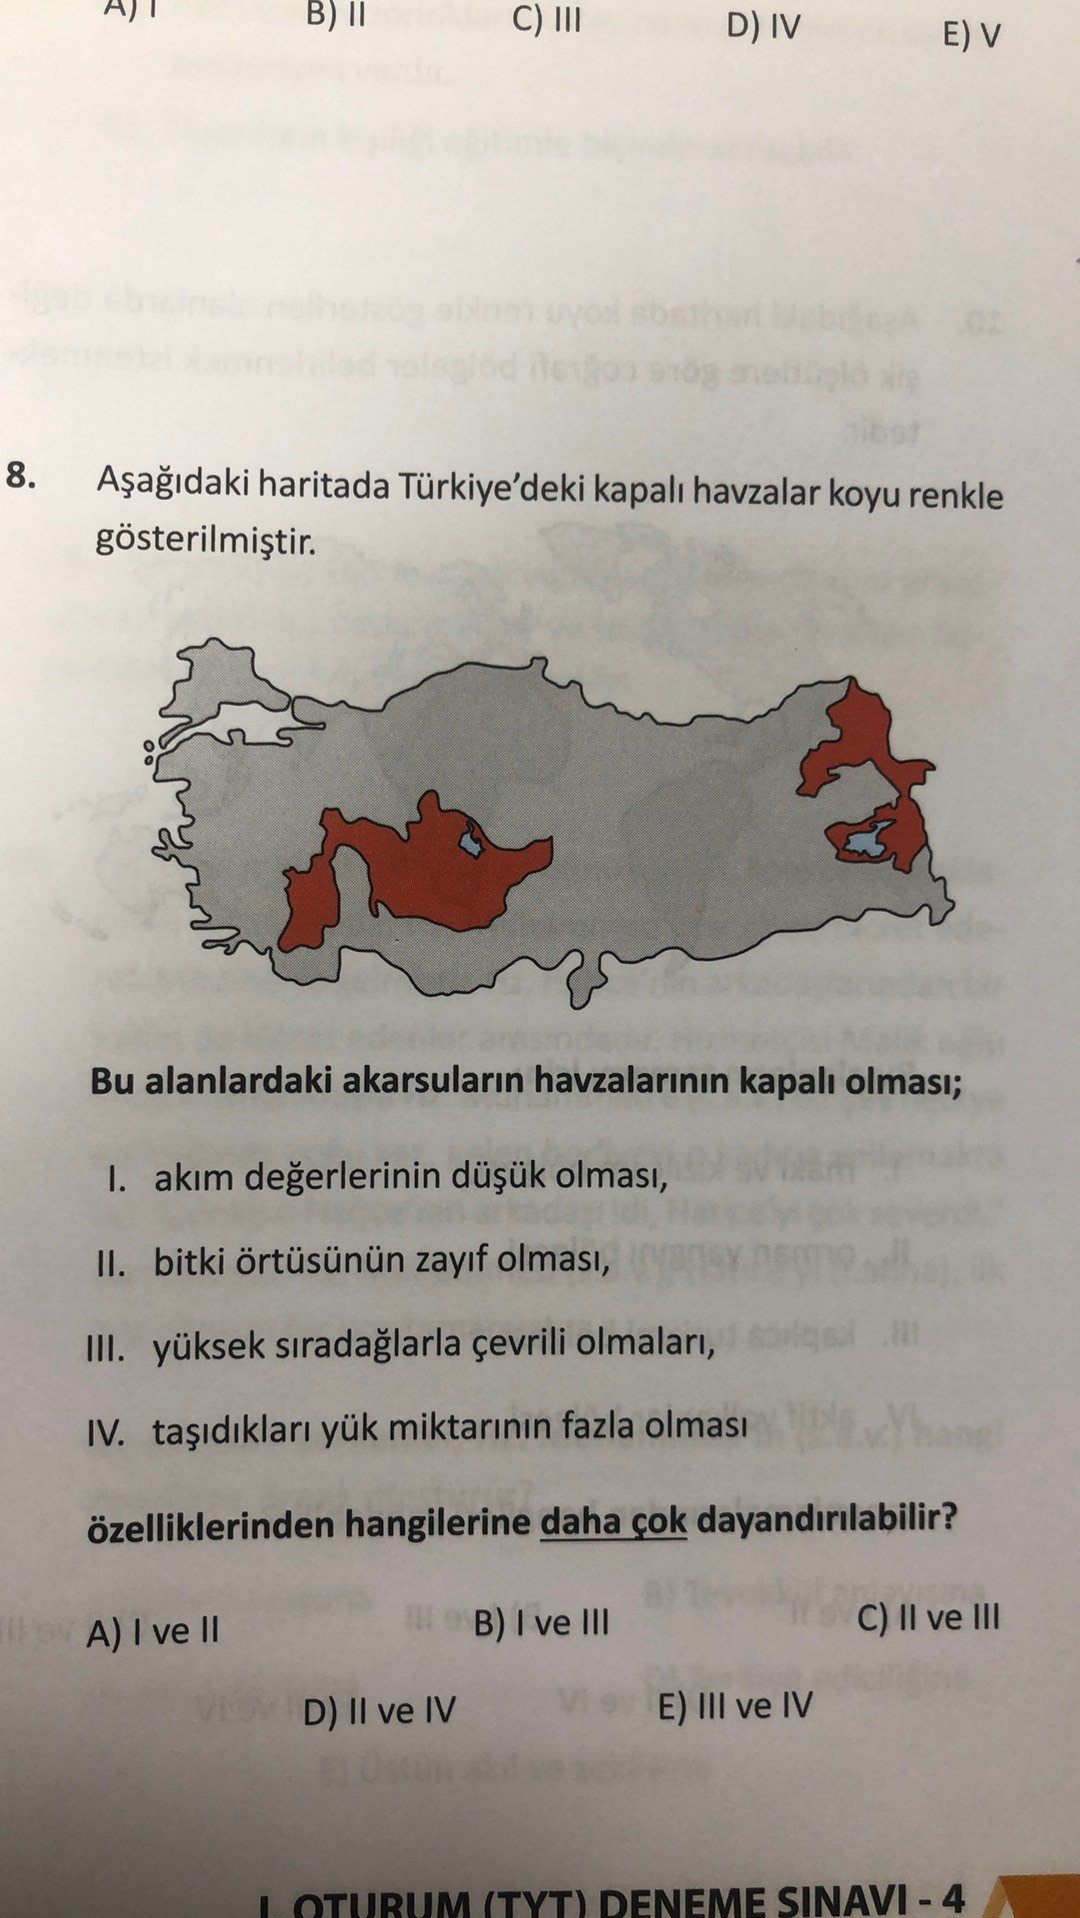 All B) II C) 111 D) IV E) V 8. Aşağıdaki haritada Türkiye'deki kapalı havzalar koyu renkle gösterilmiştir. Bu alanlardaki akarsuların havzalarının kapalı olması; I. akım değerlerinin düşük olması, II. bitki örtüsünün zayıf olması, III. yüksek sıradağlarla